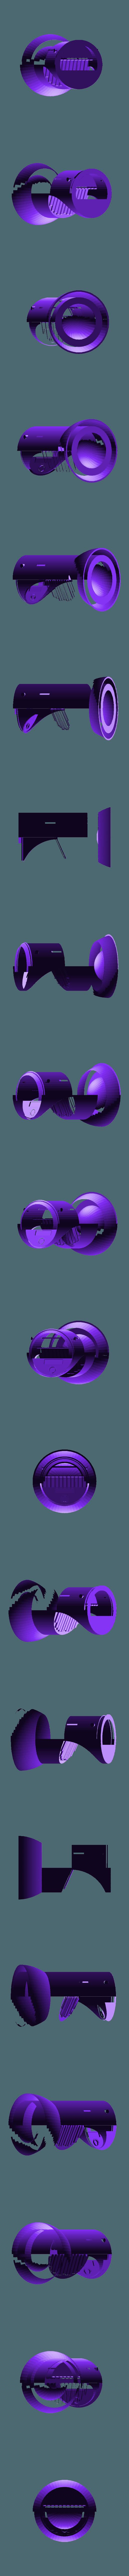 Professor_Fates_Rocket_Car_body.stl Download STL file Professor Fate's Rocket Car (The Great Race) • 3D print object, thebridge